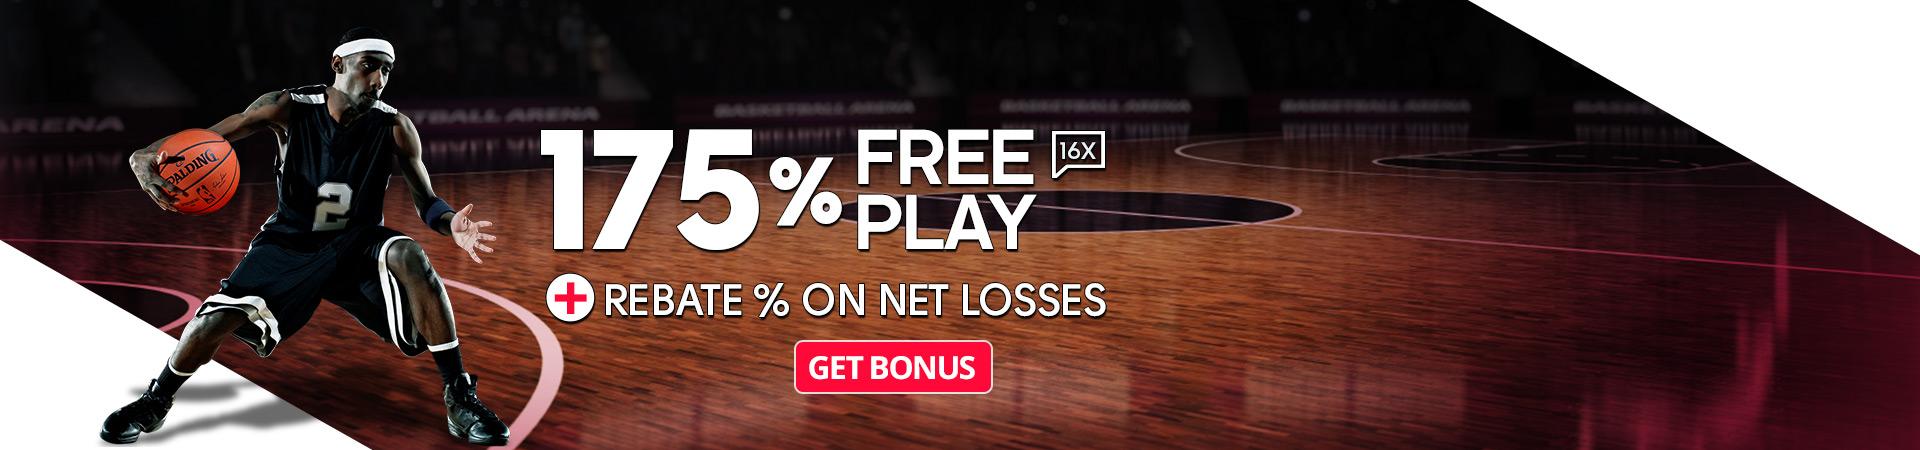 NBA is Back 175 Free Play + Rebate